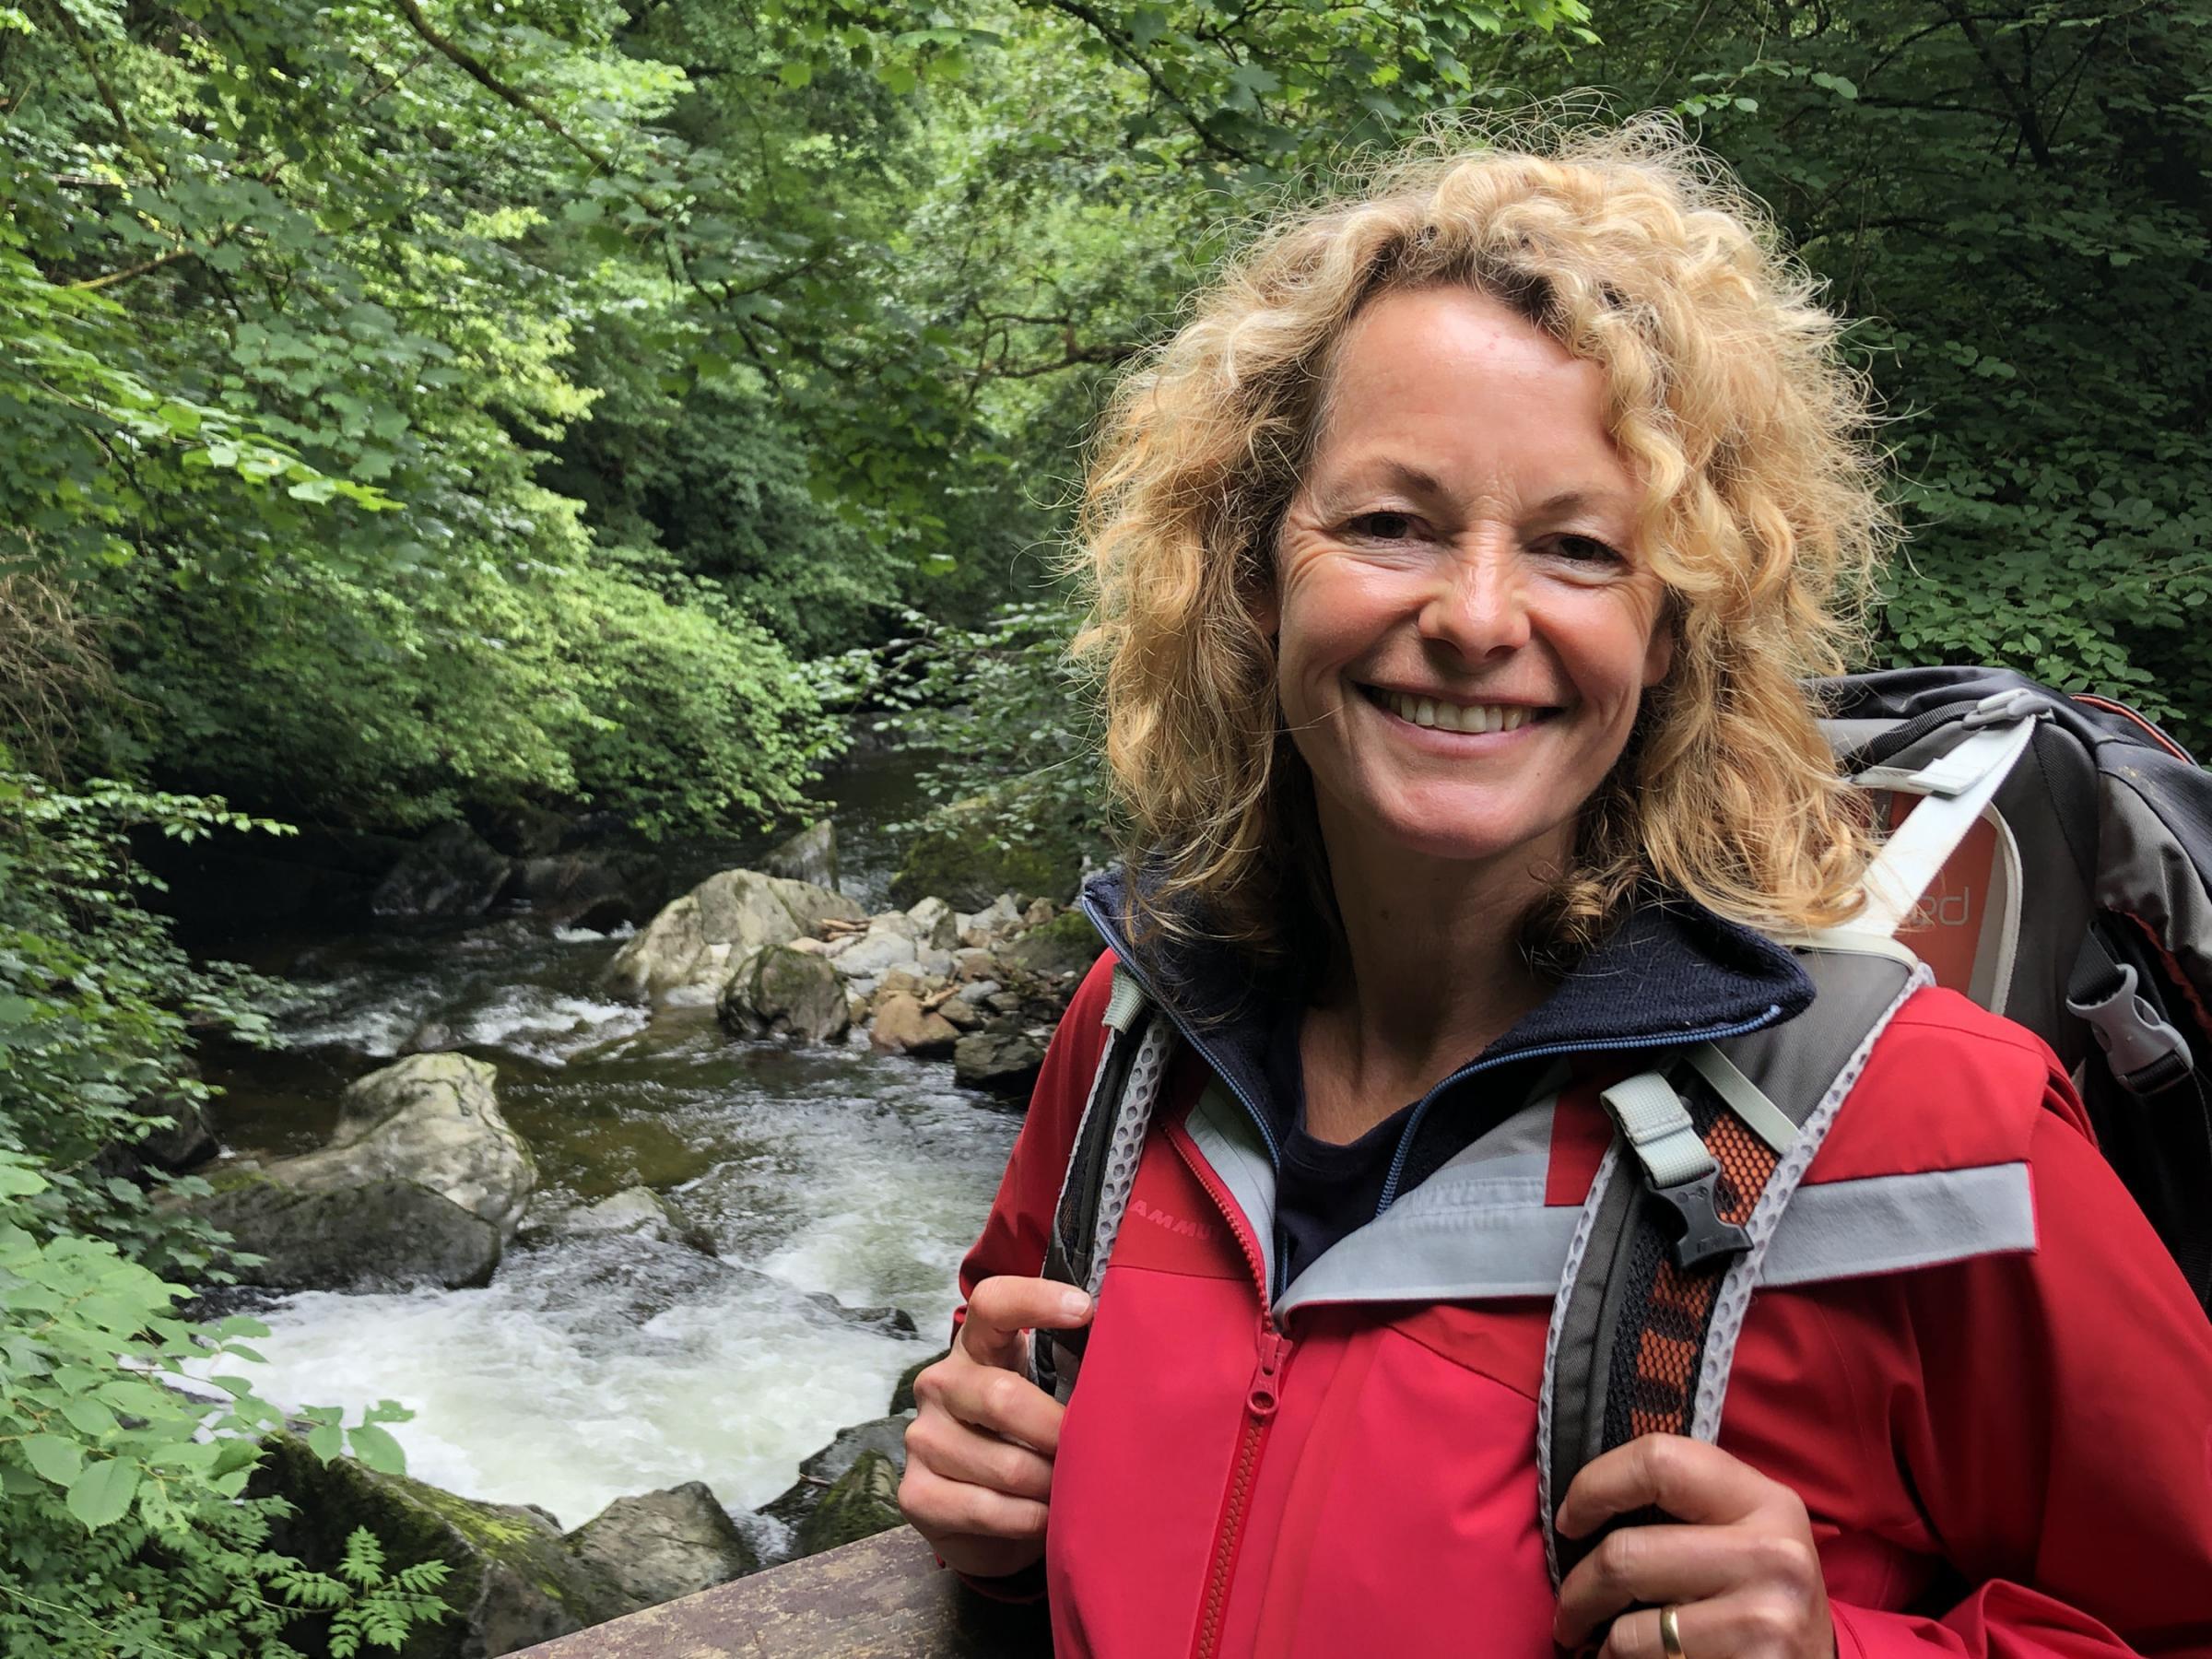 Kate tv Kate Lockley